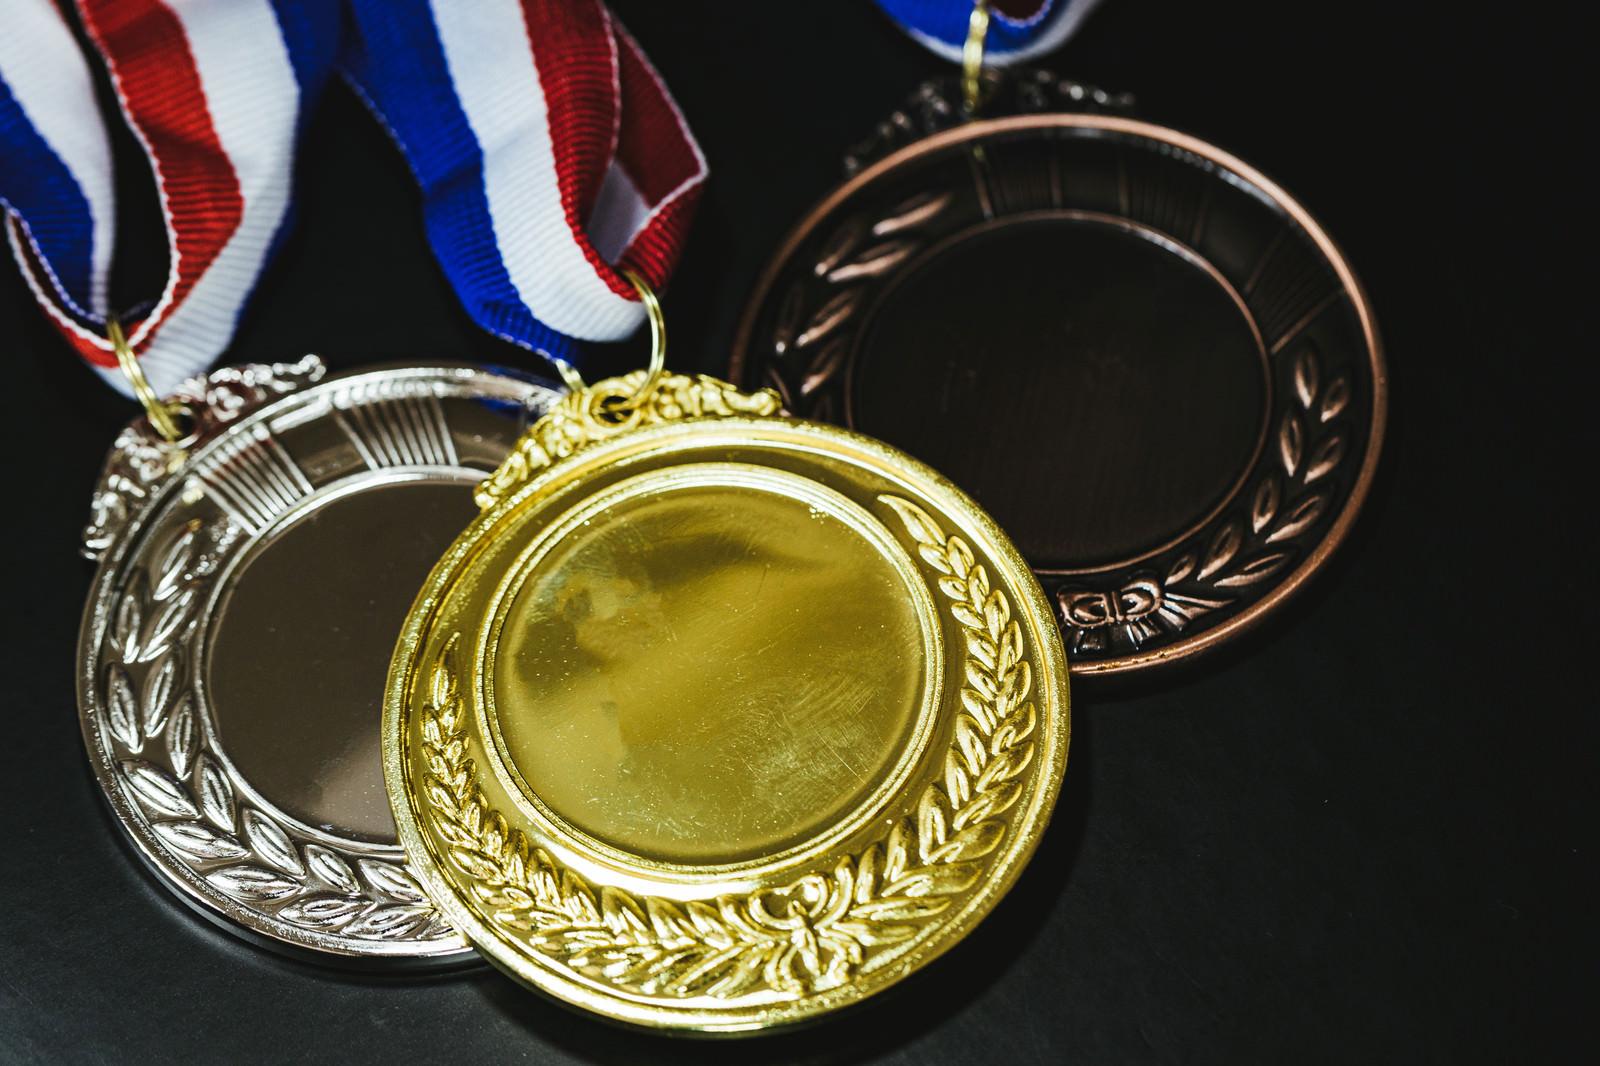 「金メダル・銀メダル・銅メダル」の写真